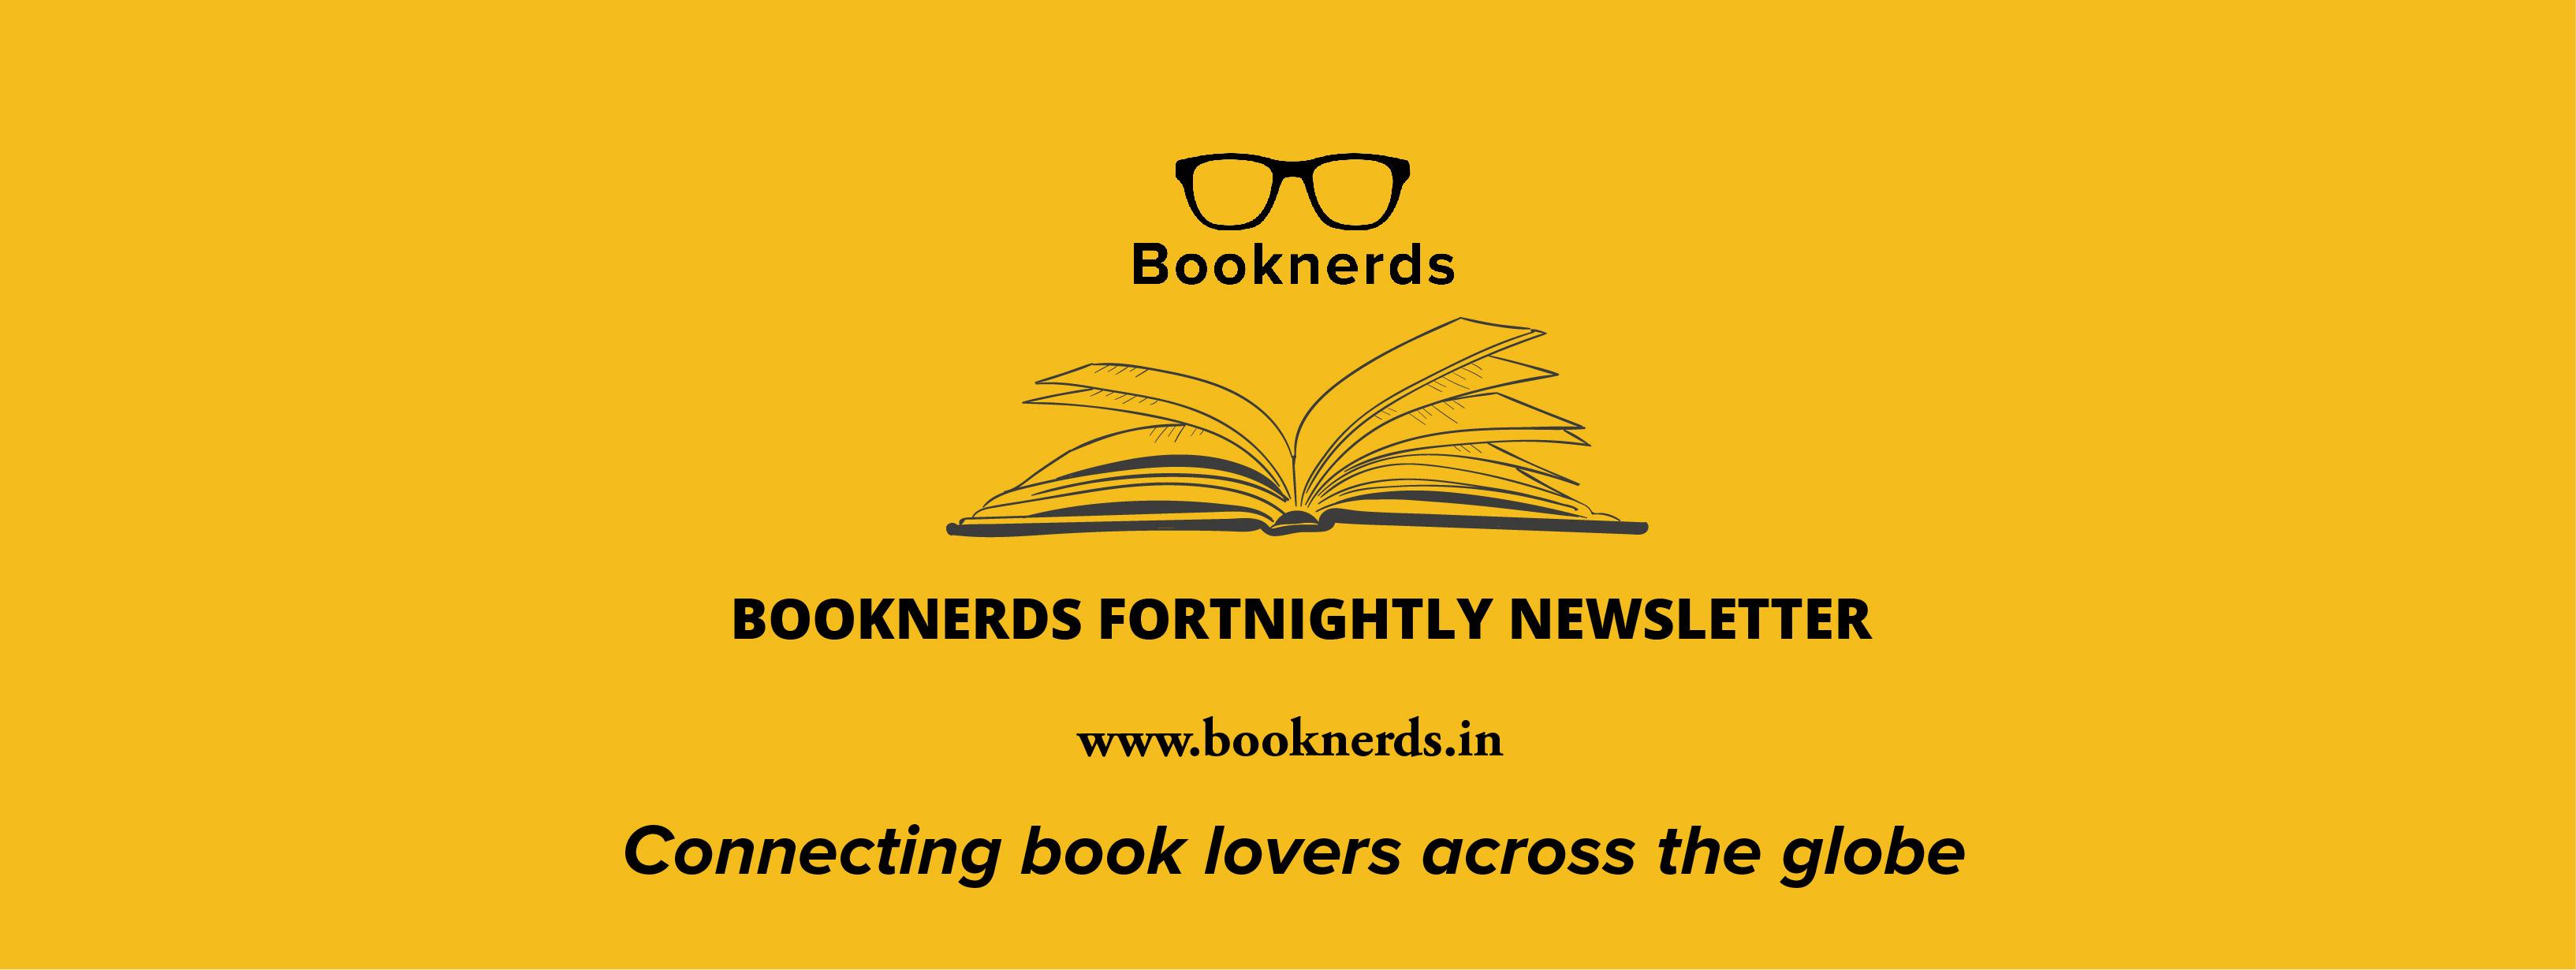 Booknerds Fortnightly Newsletter |June 15|2020